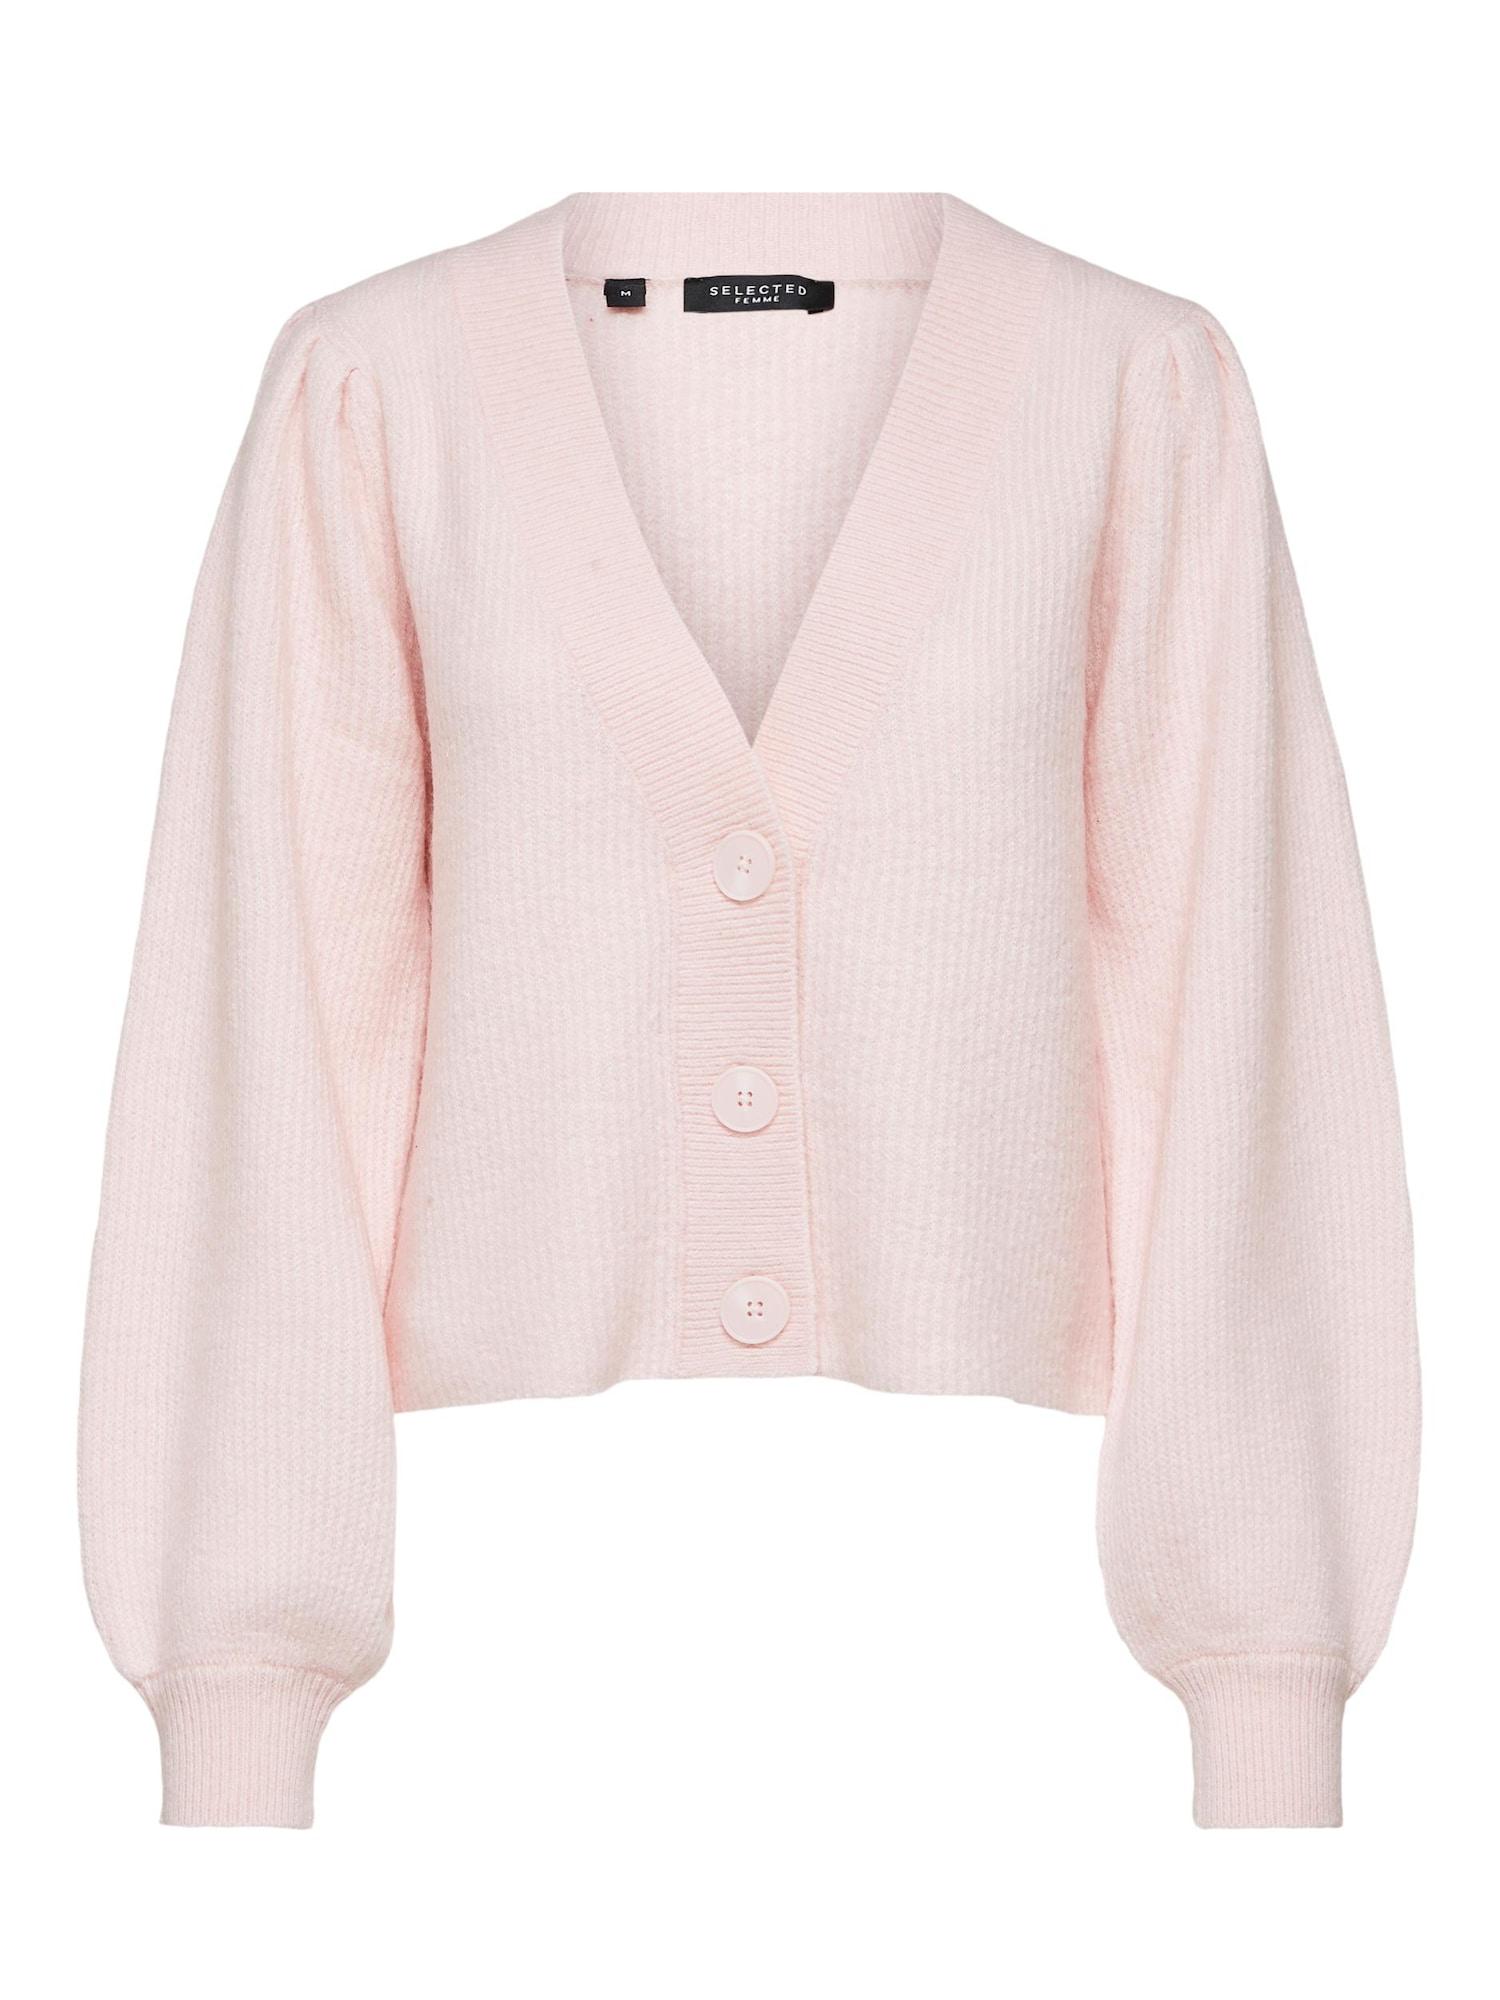 SELECTED FEMME Kardiganas ryškiai rožinė spalva